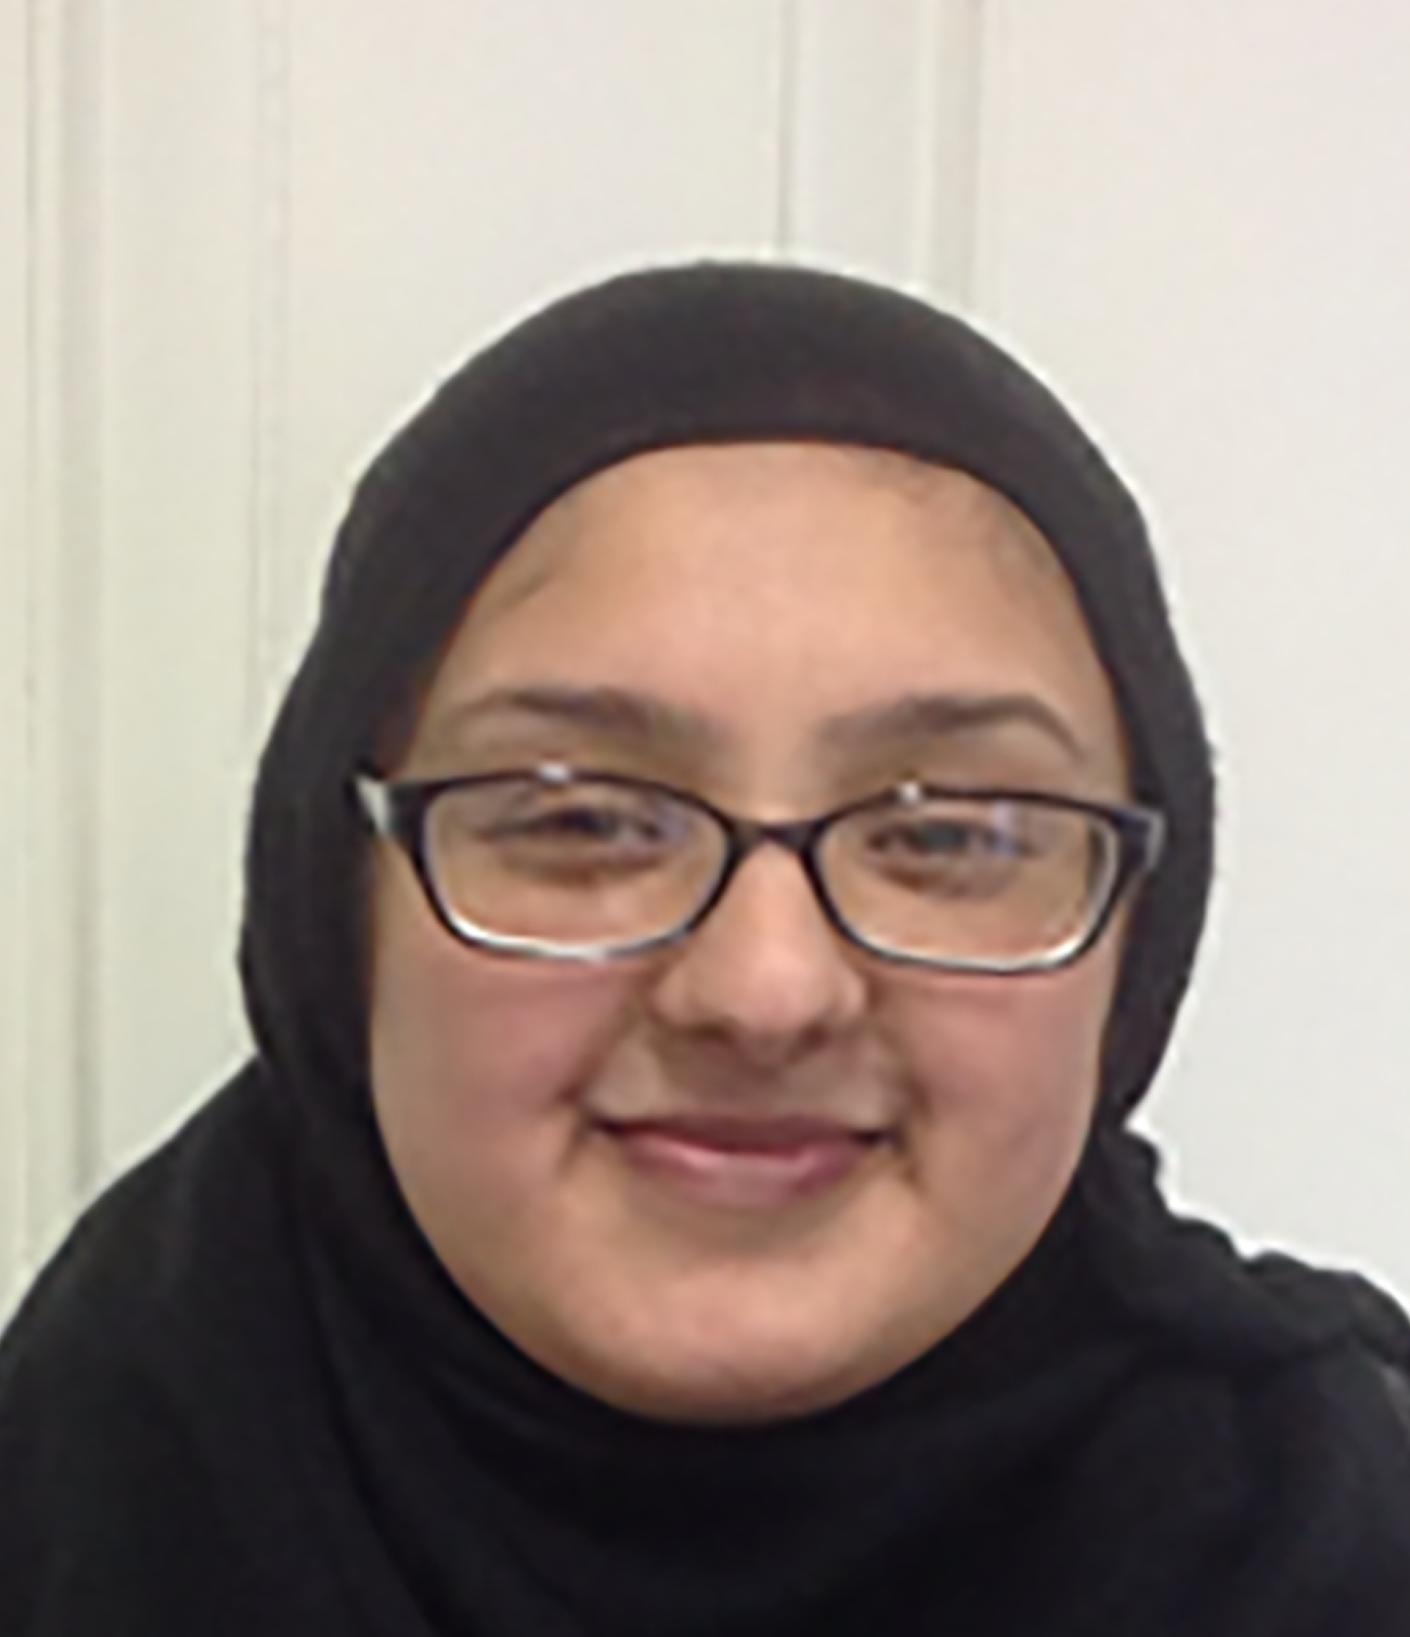 Raveana Bashir